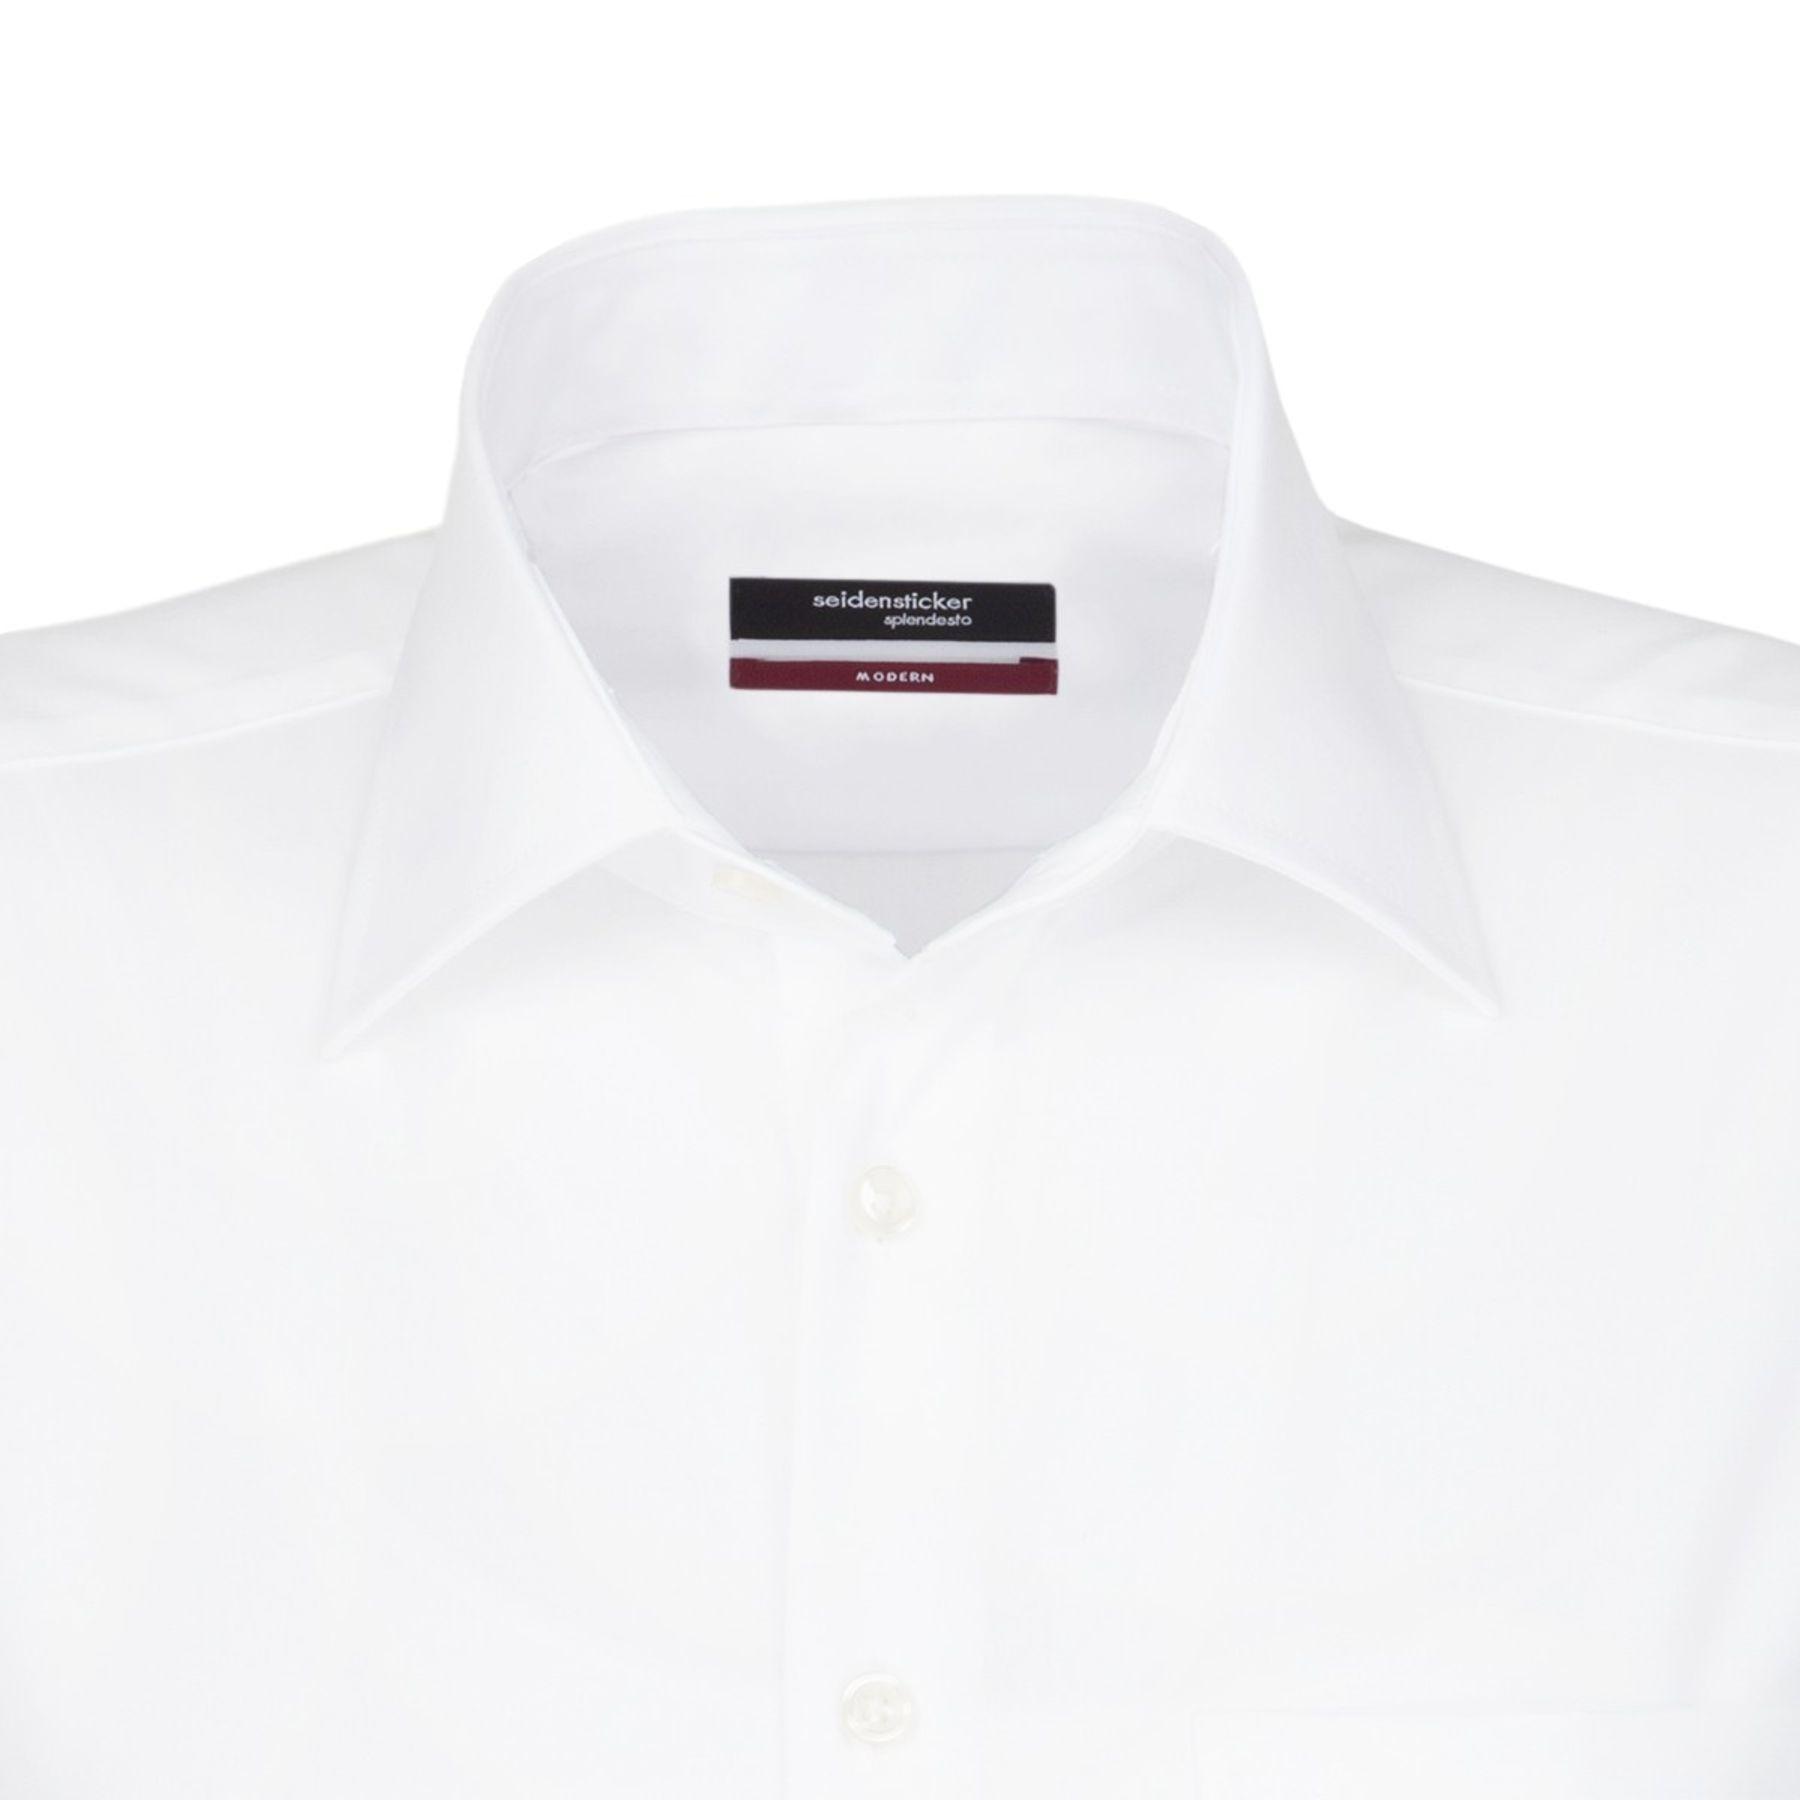 Seidensticker - Herren Hemd, Bügelfrei, Modern, Schwarze Rose mit Kent Kragen in Blau, Weiß und Ecru (01.001007) – Bild 4